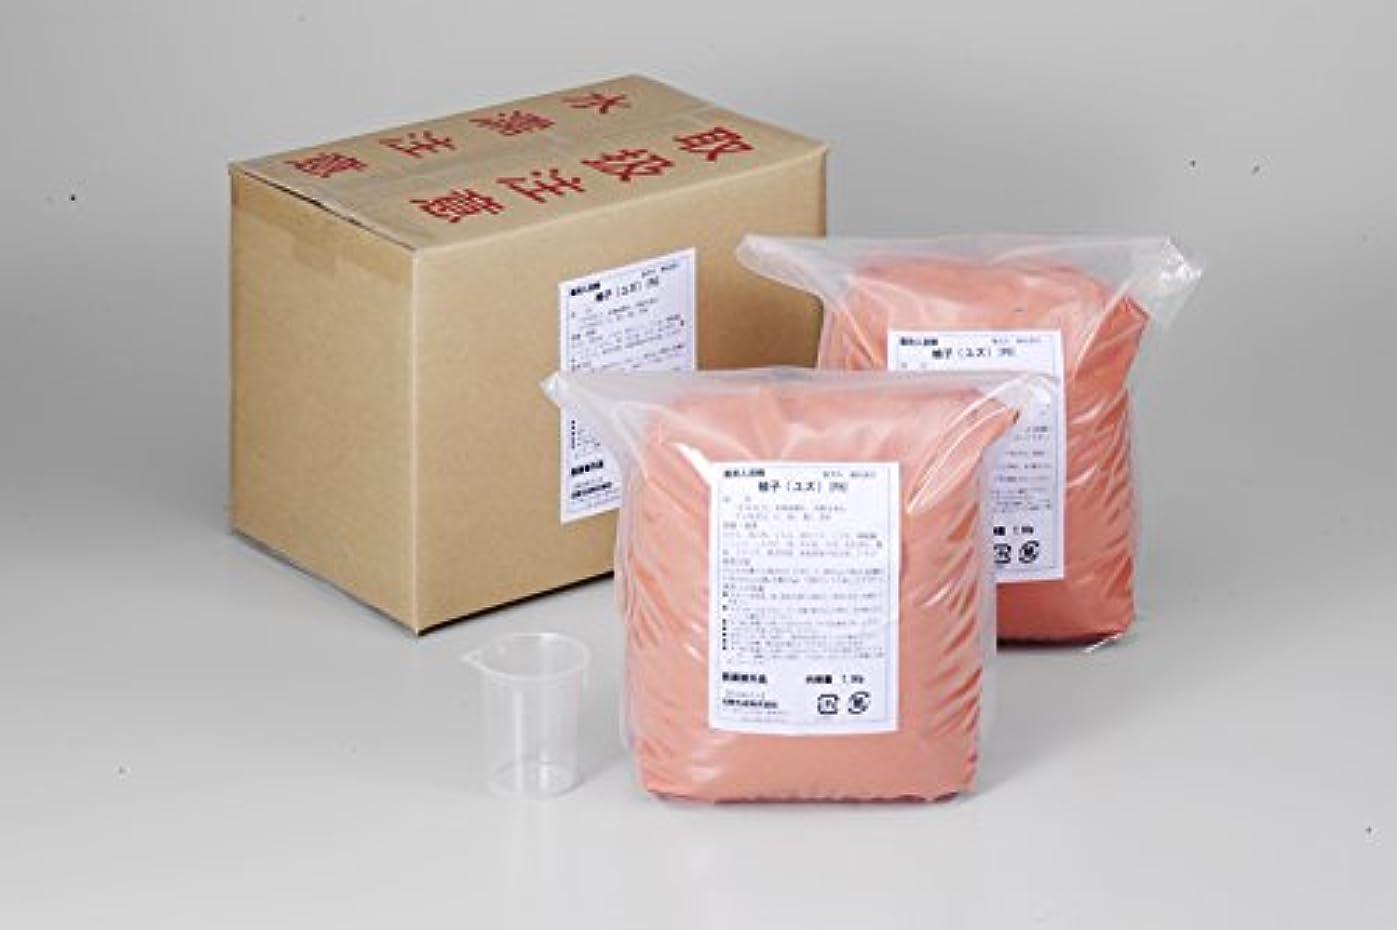 落ち着くベアリングサークルソロ業務用入浴剤「ユズ」15kg(7.5kg×2)